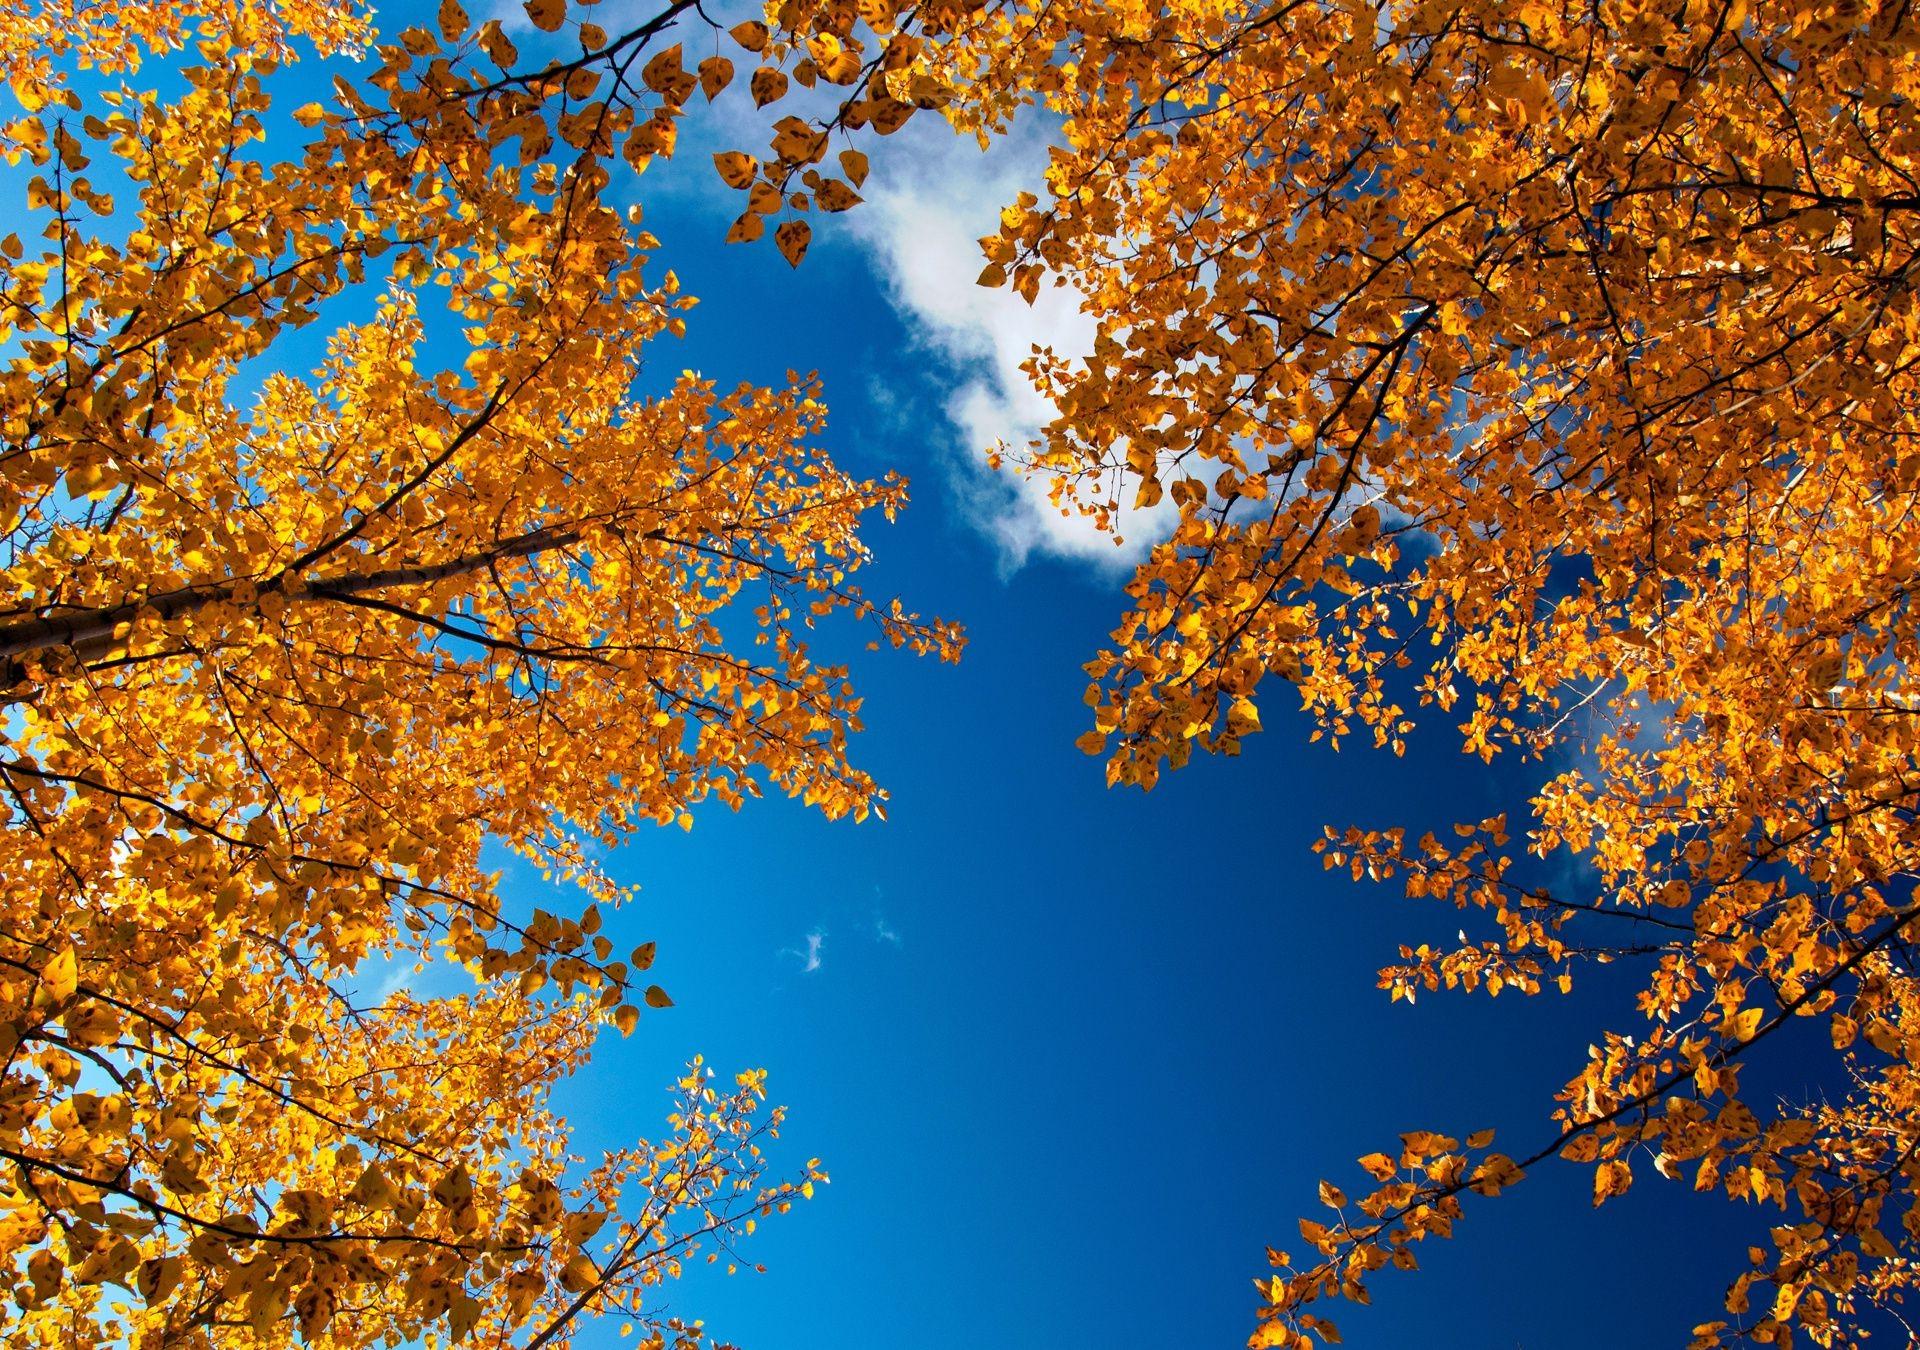 Обои для рабочего стола широкоформатные высокое качество золотая осень